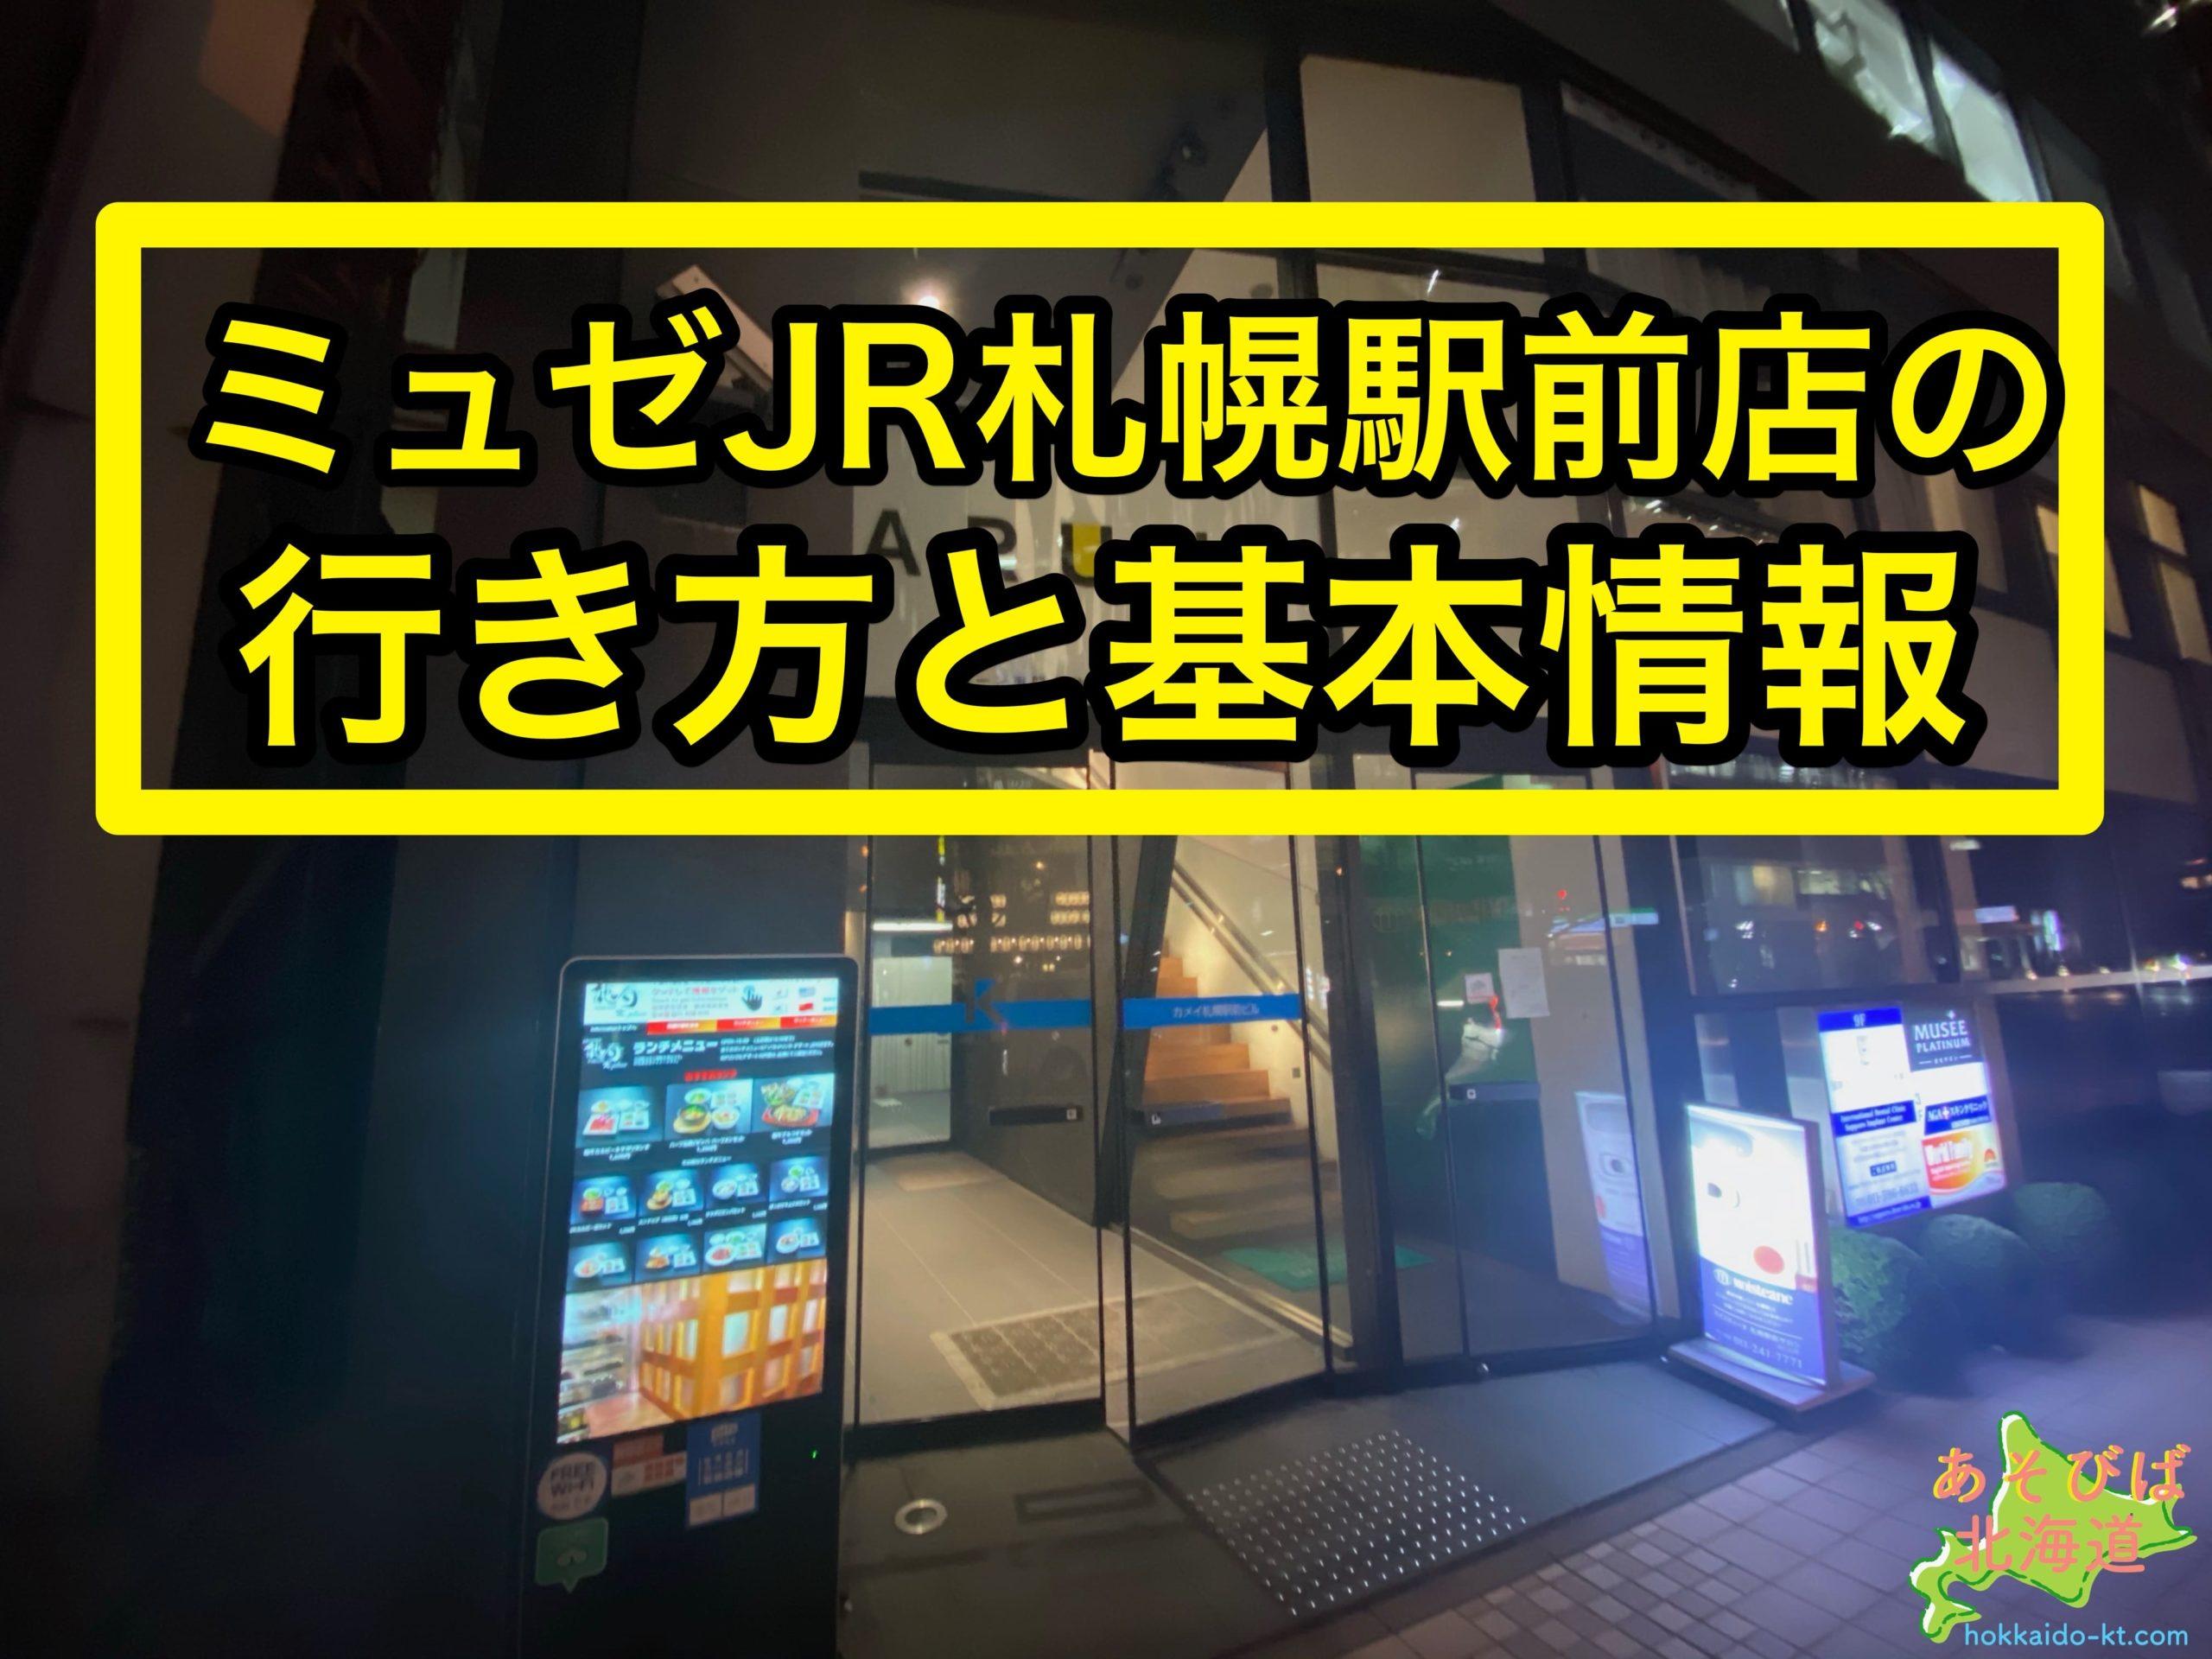 ミュゼJR札幌駅前店の行き方と基本情報